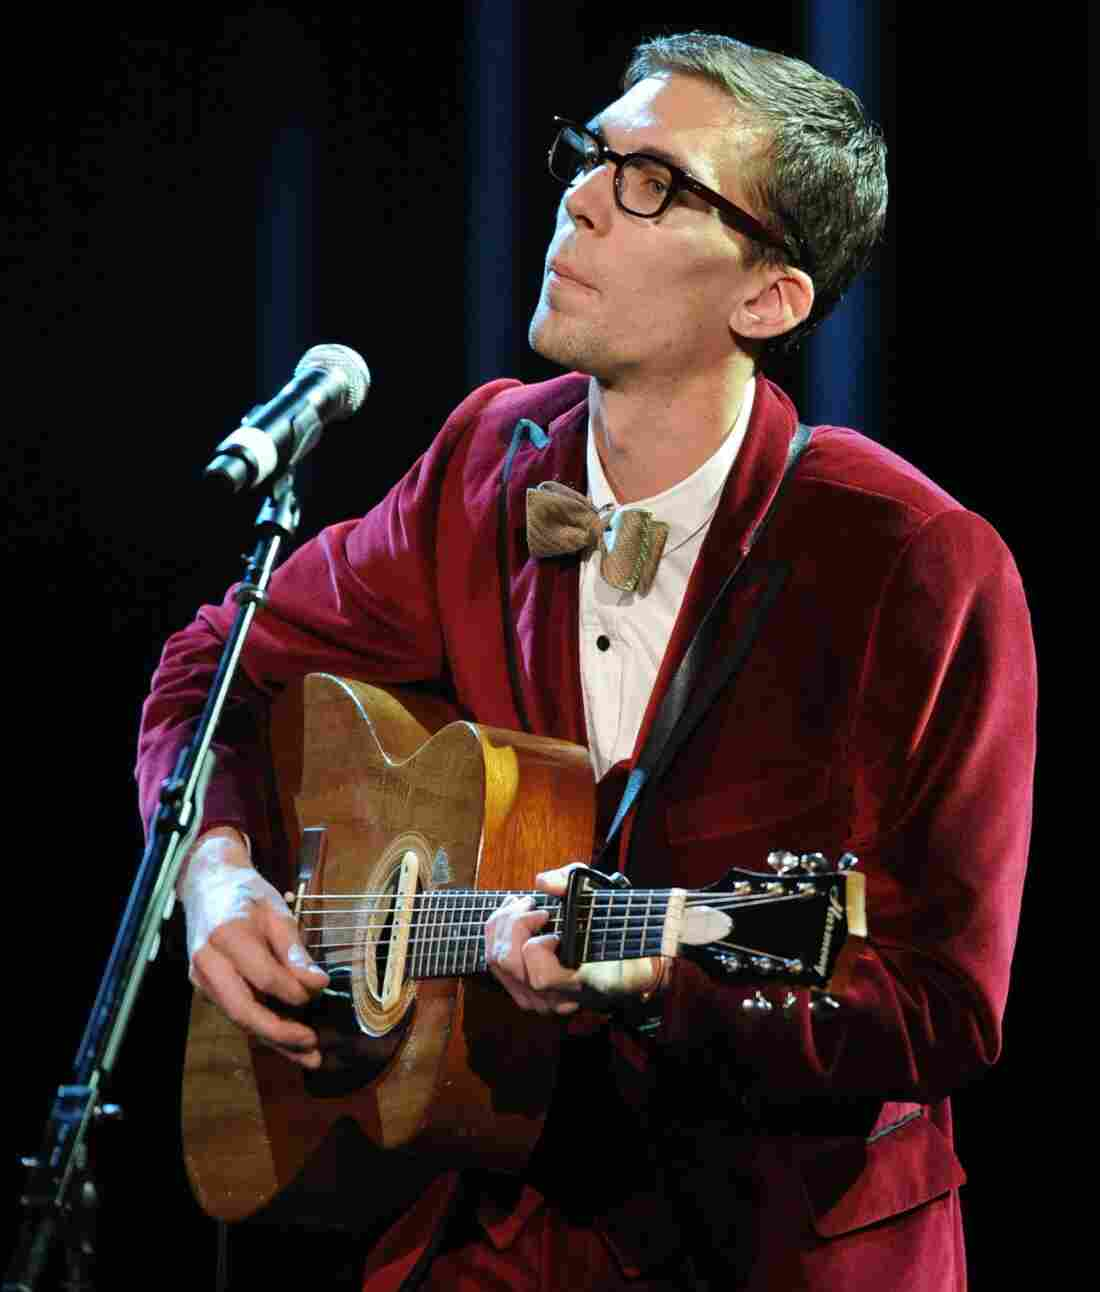 Singer Justin Townes Earle dies at 38